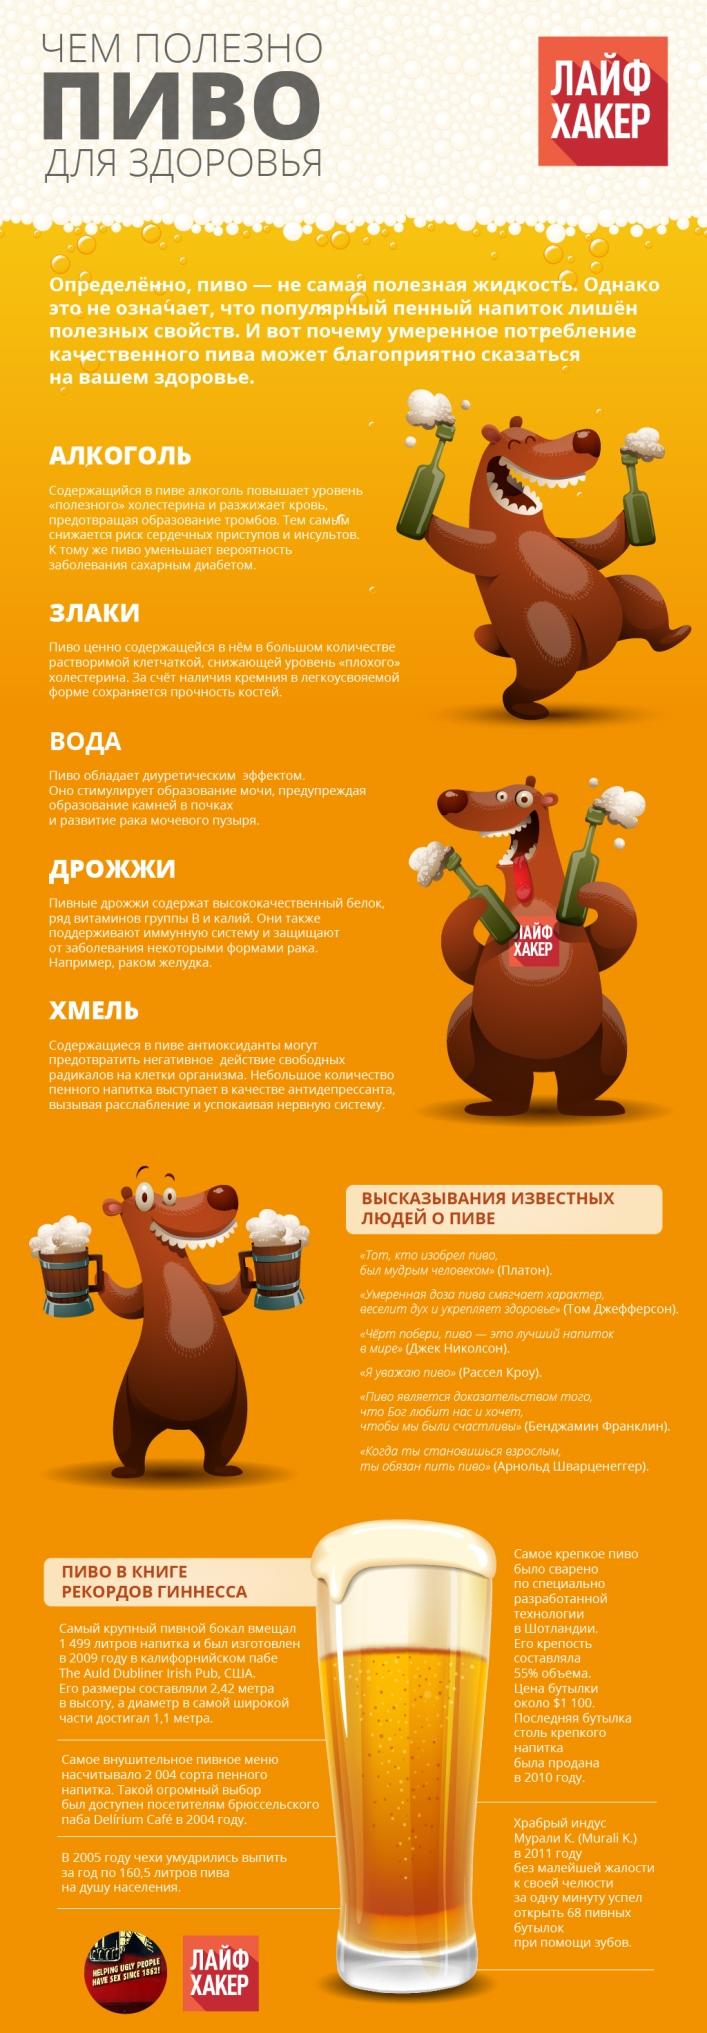 Чем полезно пиво